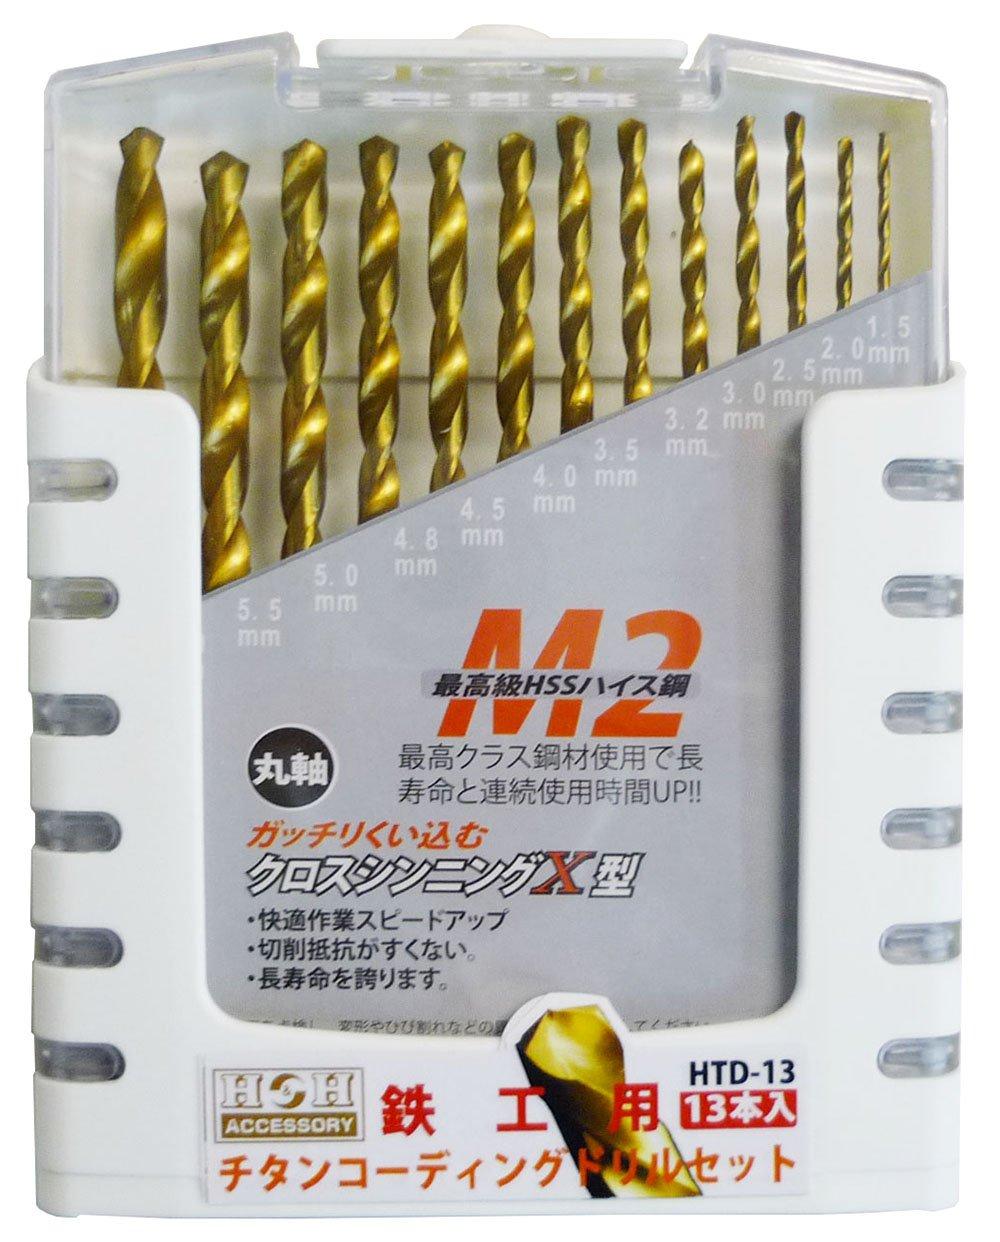 三共コーポレーション ドリルセット HTD-13